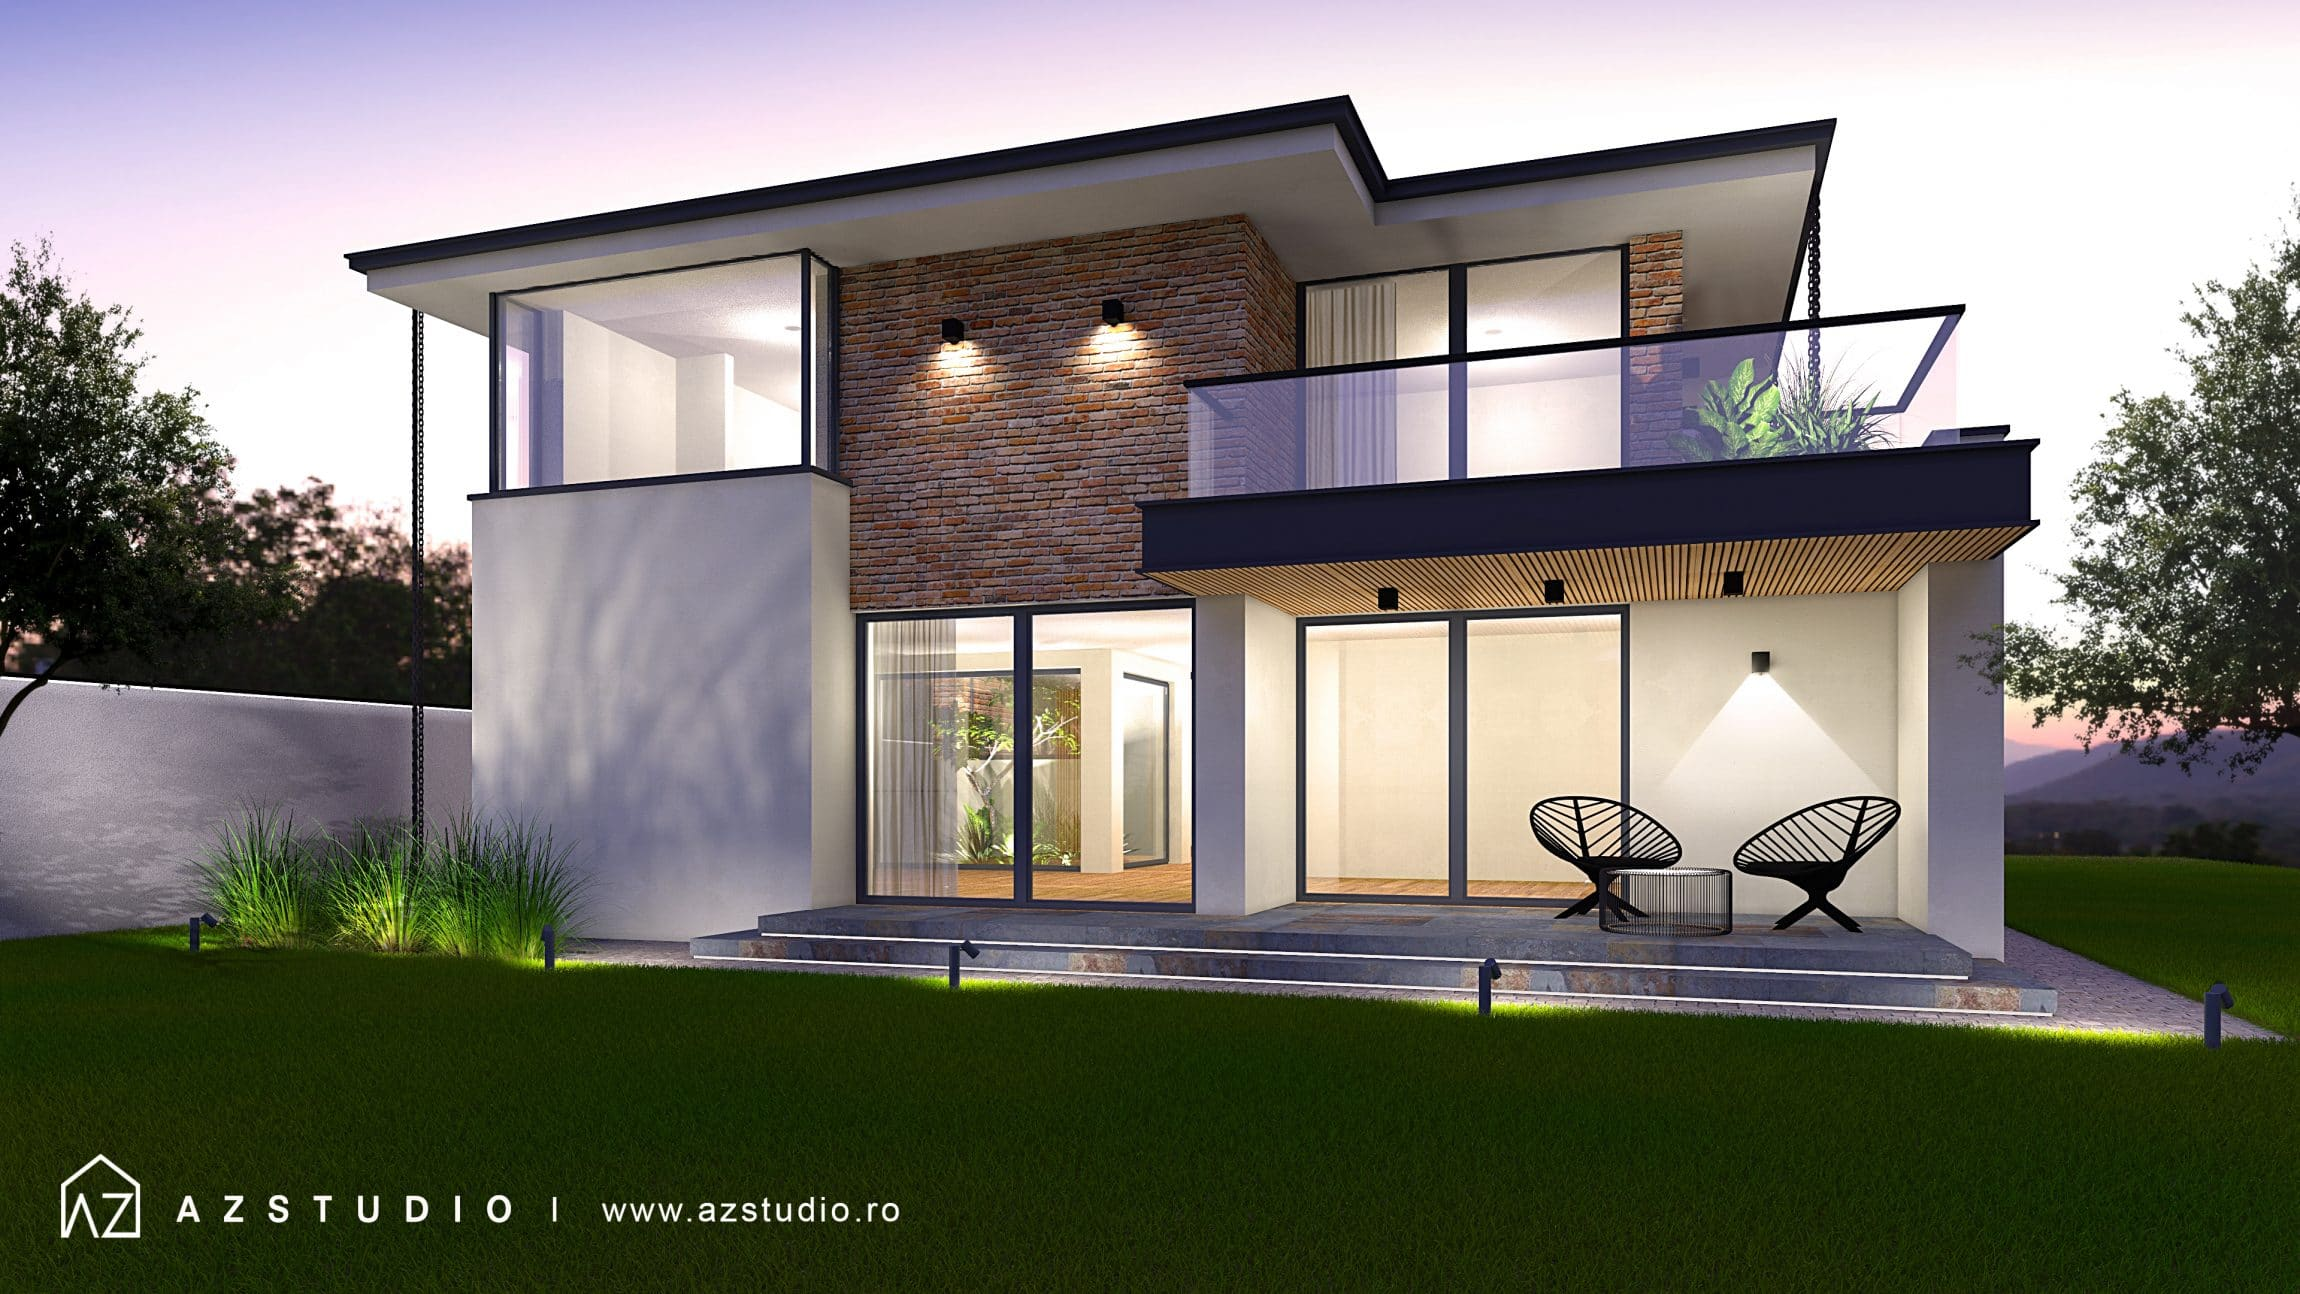 Casa moderna placata cu caramida